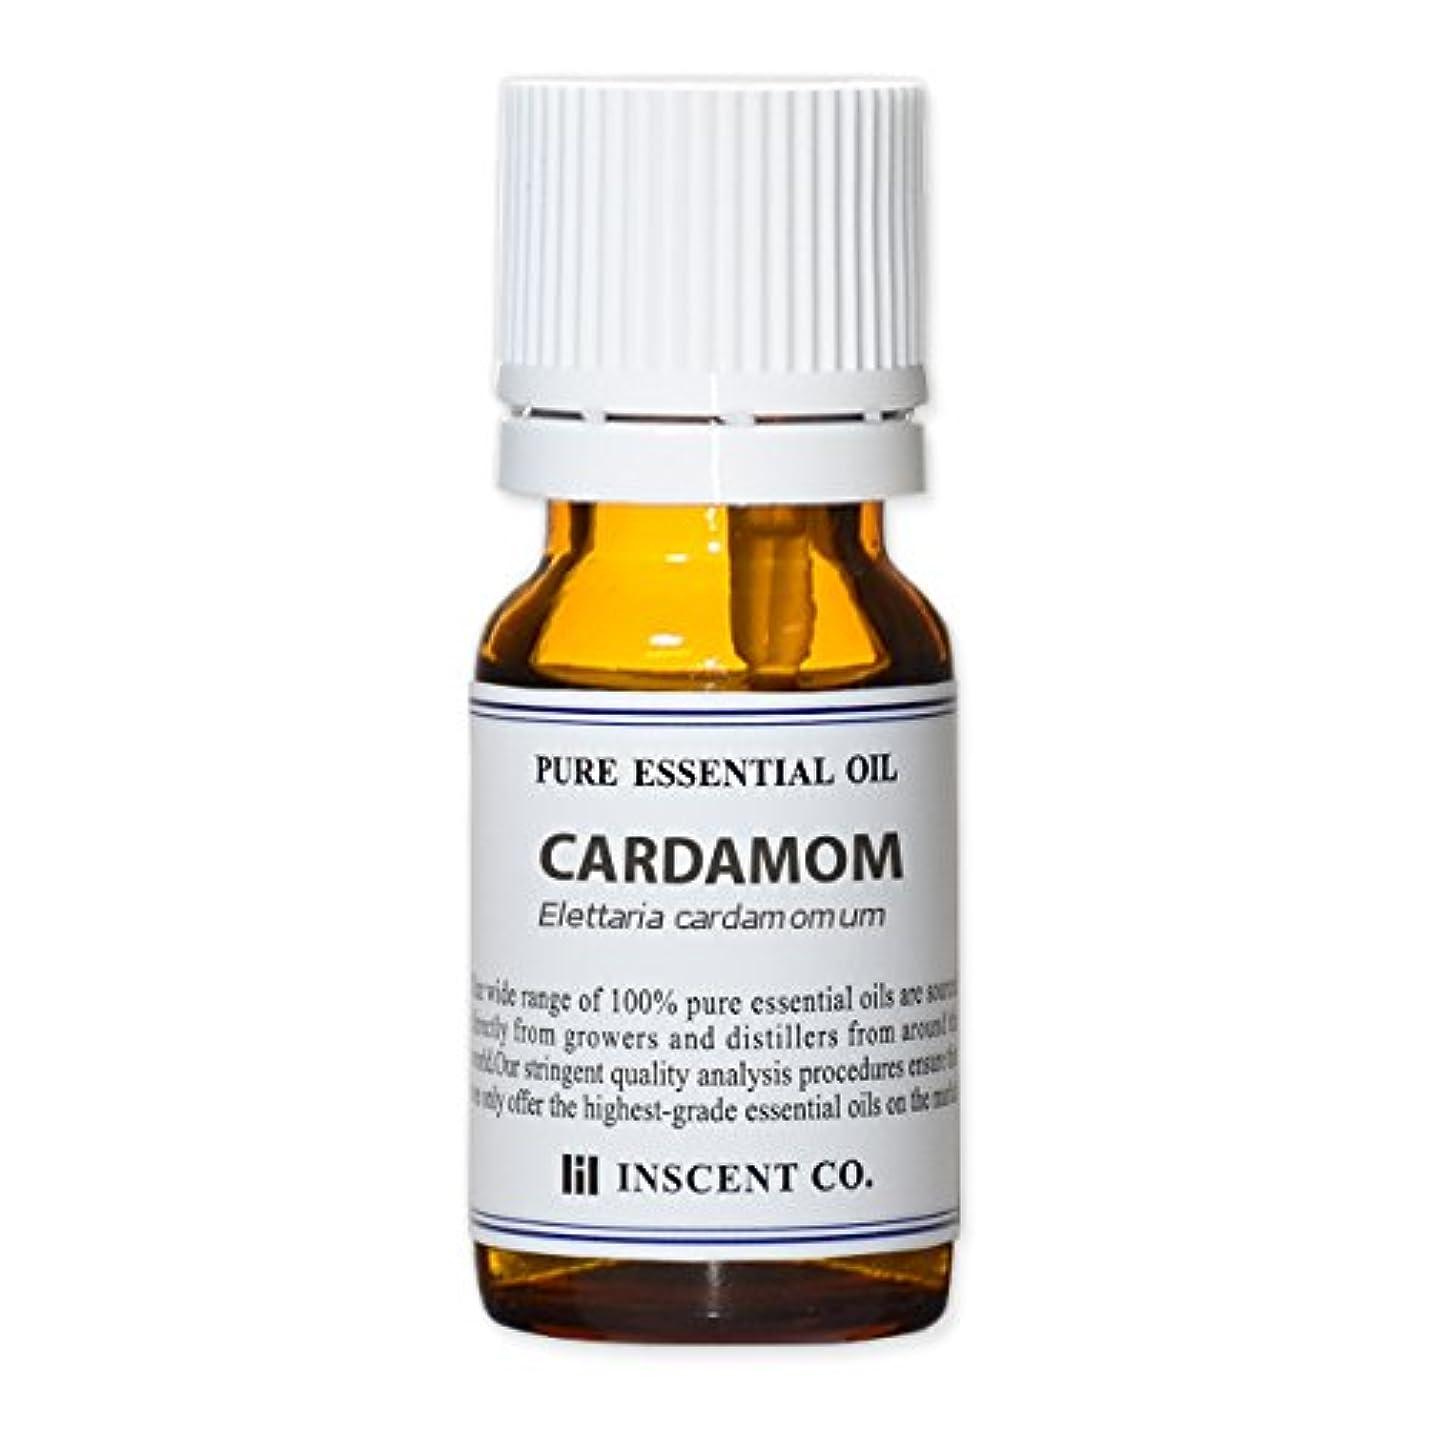 ジュニア実際非常にカルダモン 10ml インセント アロマオイル AEAJ 表示基準適合認定精油